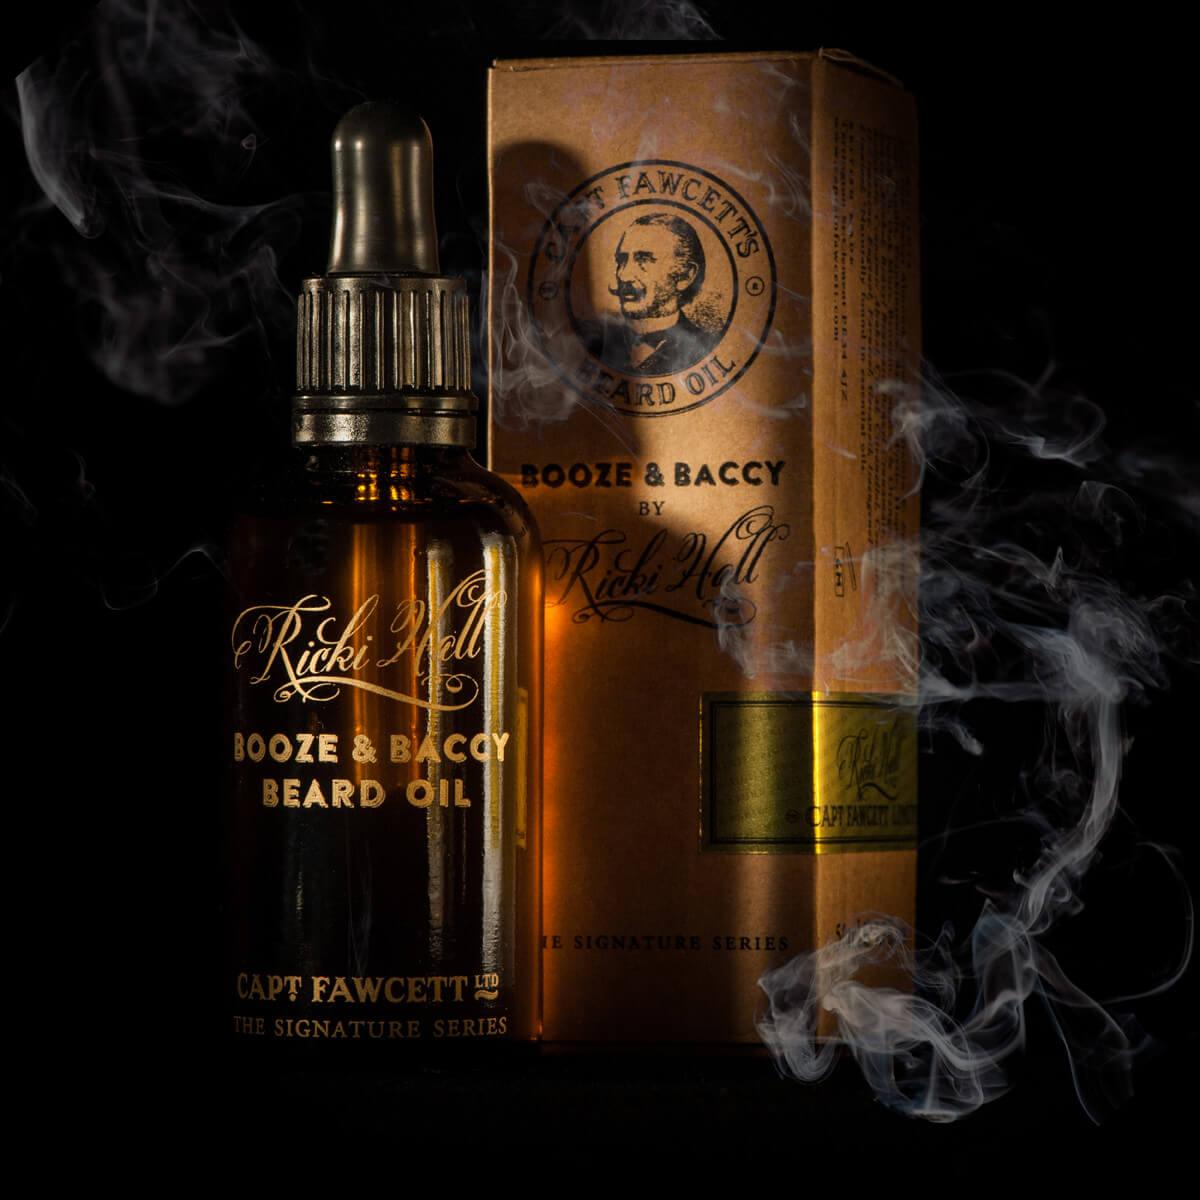 Booze & baccy beard oil